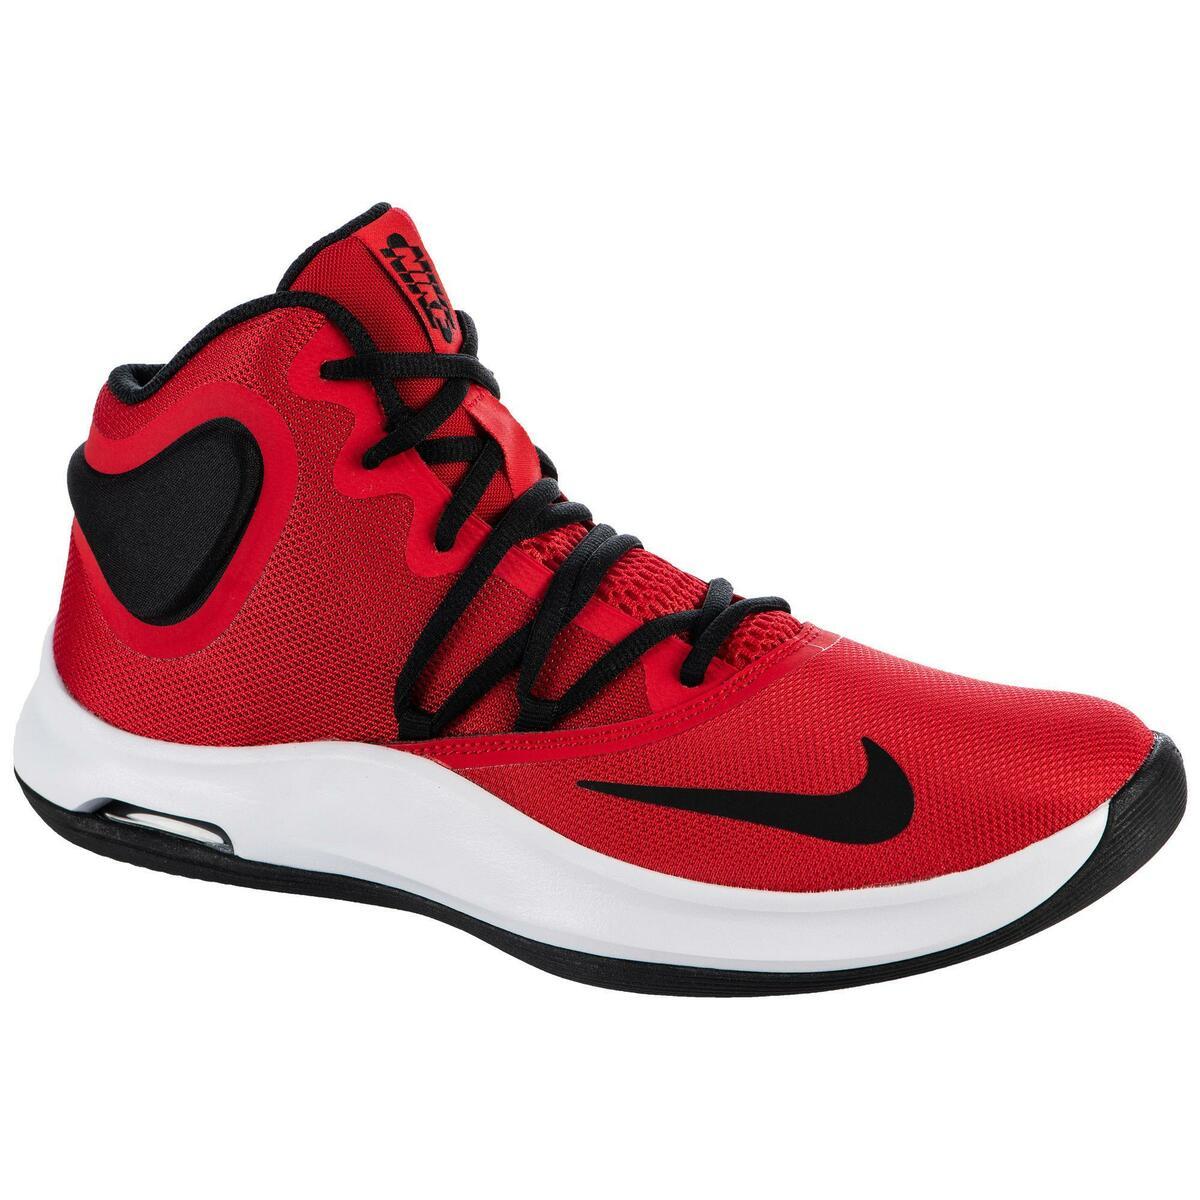 Bild 1 von Basketballschuhe Air Versitile 4 Erwachsene rot